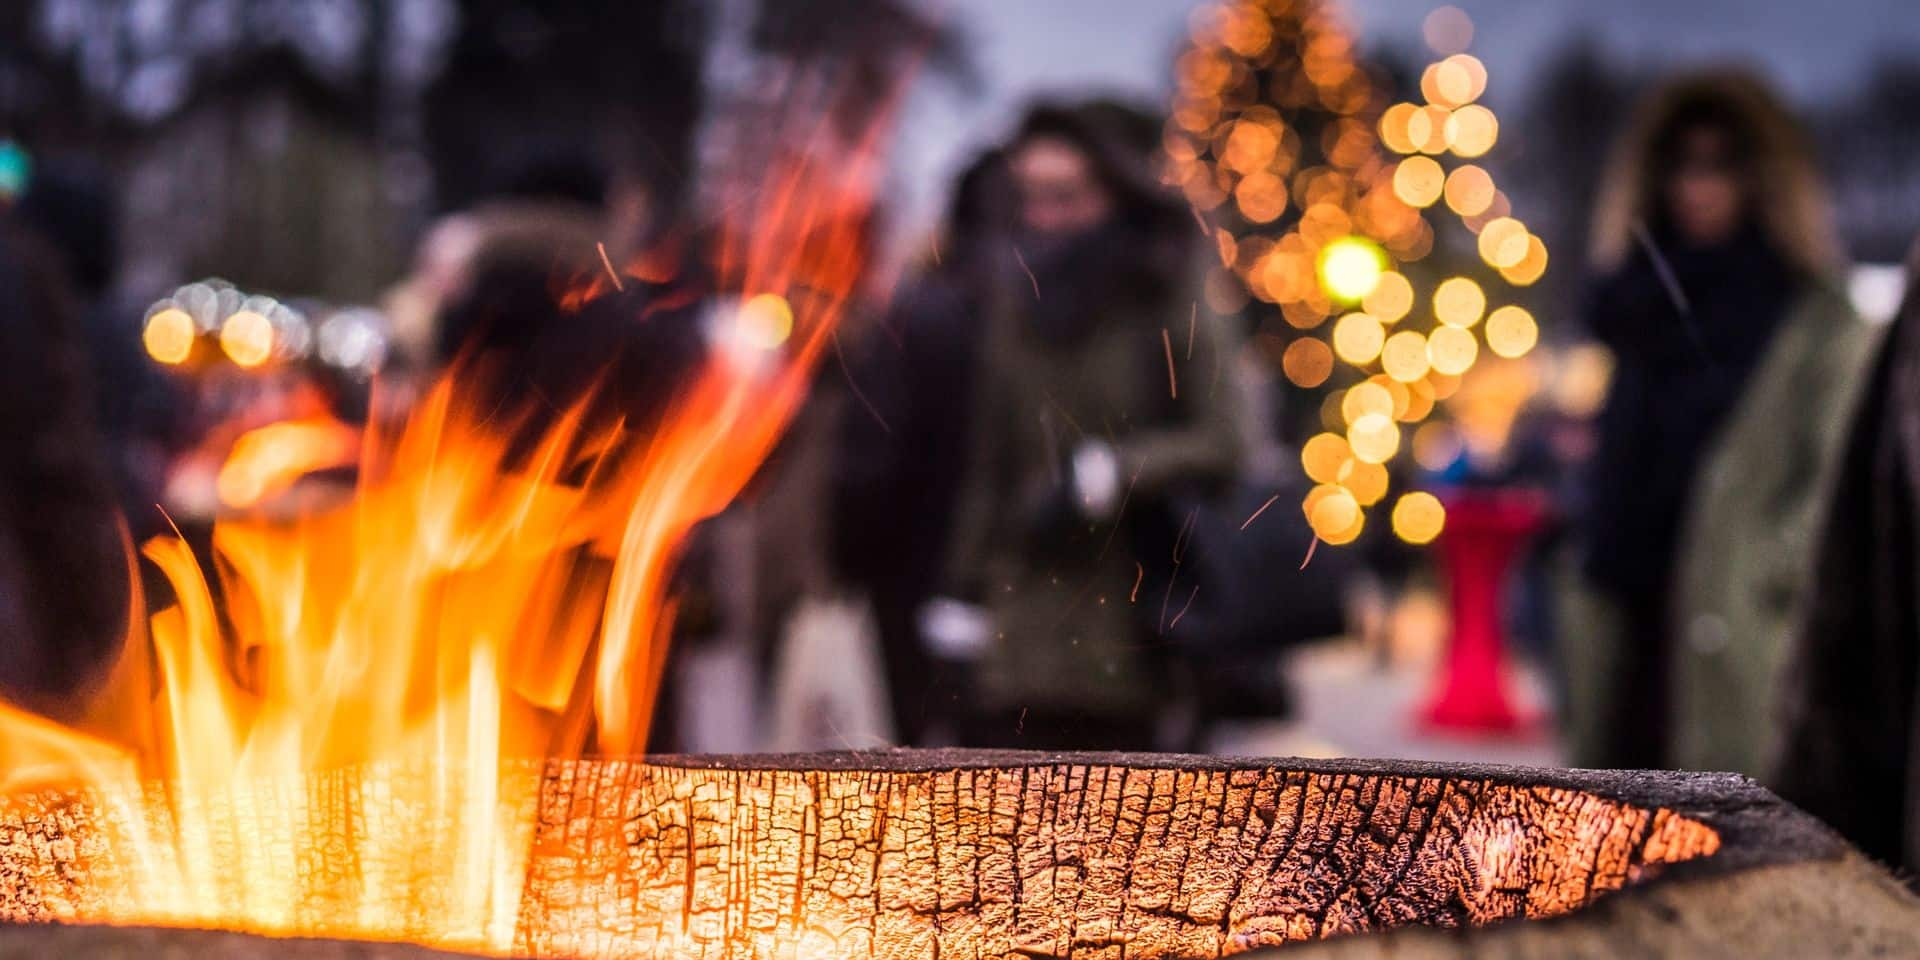 Dix chansons de Noël pour faire la fête... ou faire fuir les invités récalcitrants